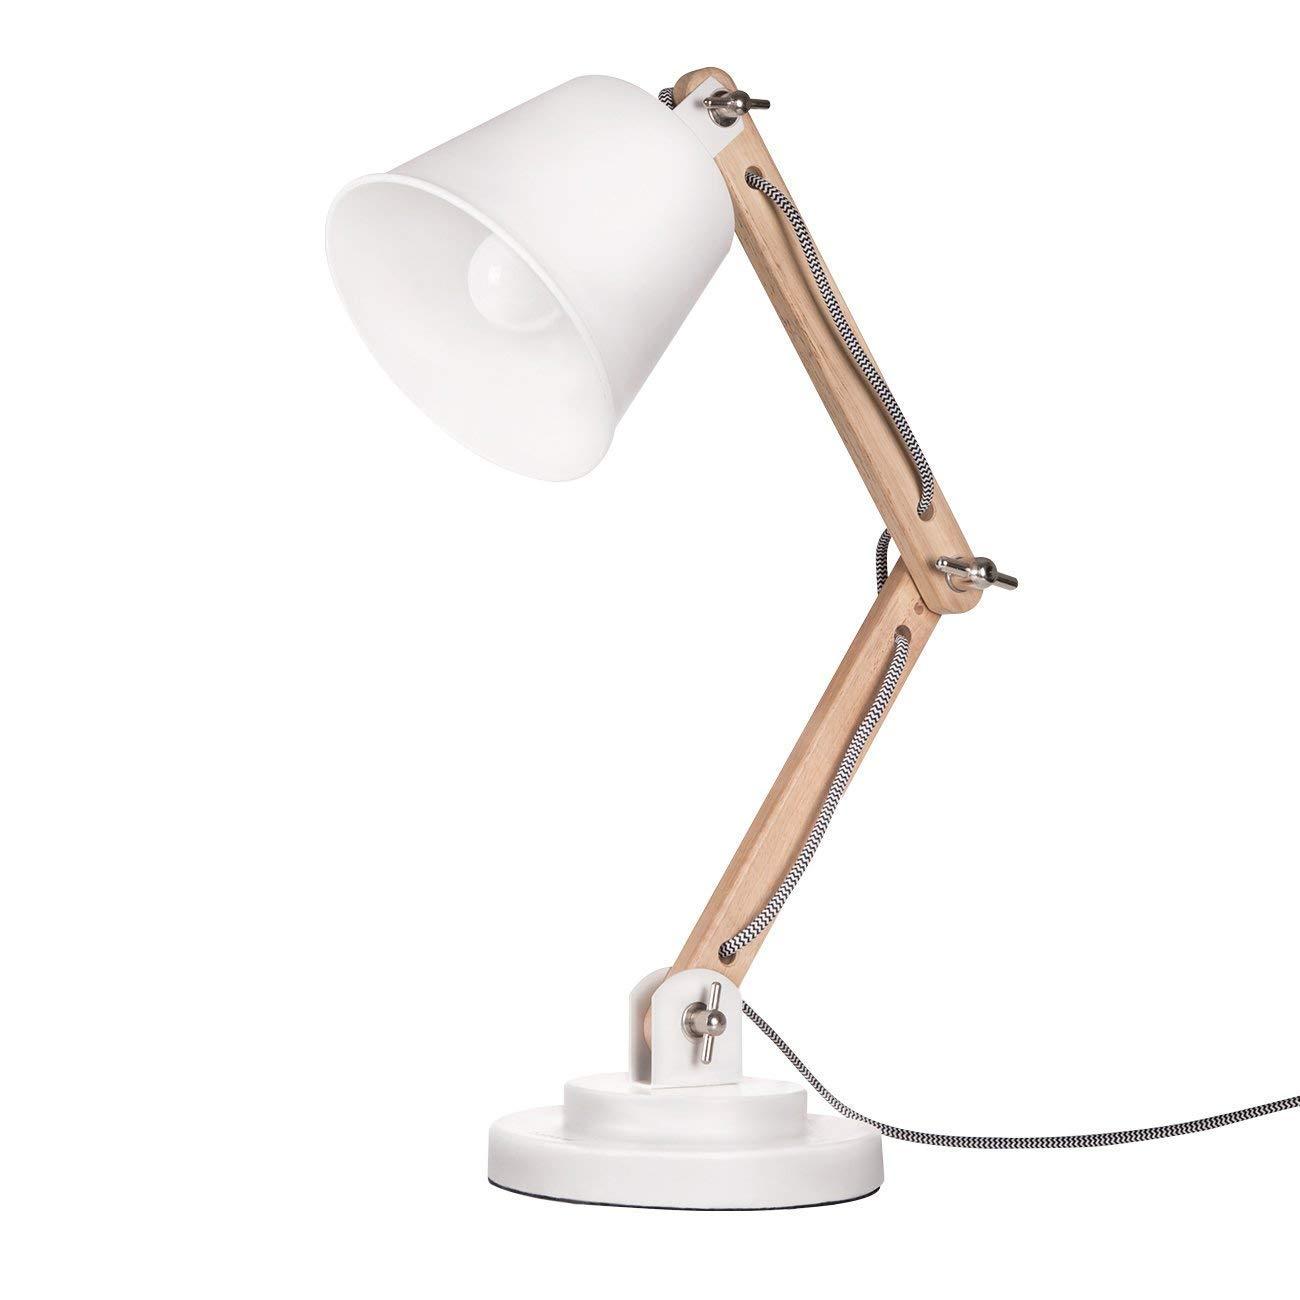 tomons DL1002US-W Tomons Natural Wood Desk Lamp, Vintage Table Lamp for Bedside, Workroom, Cabinet, Studio, Cafe, Living Room – White